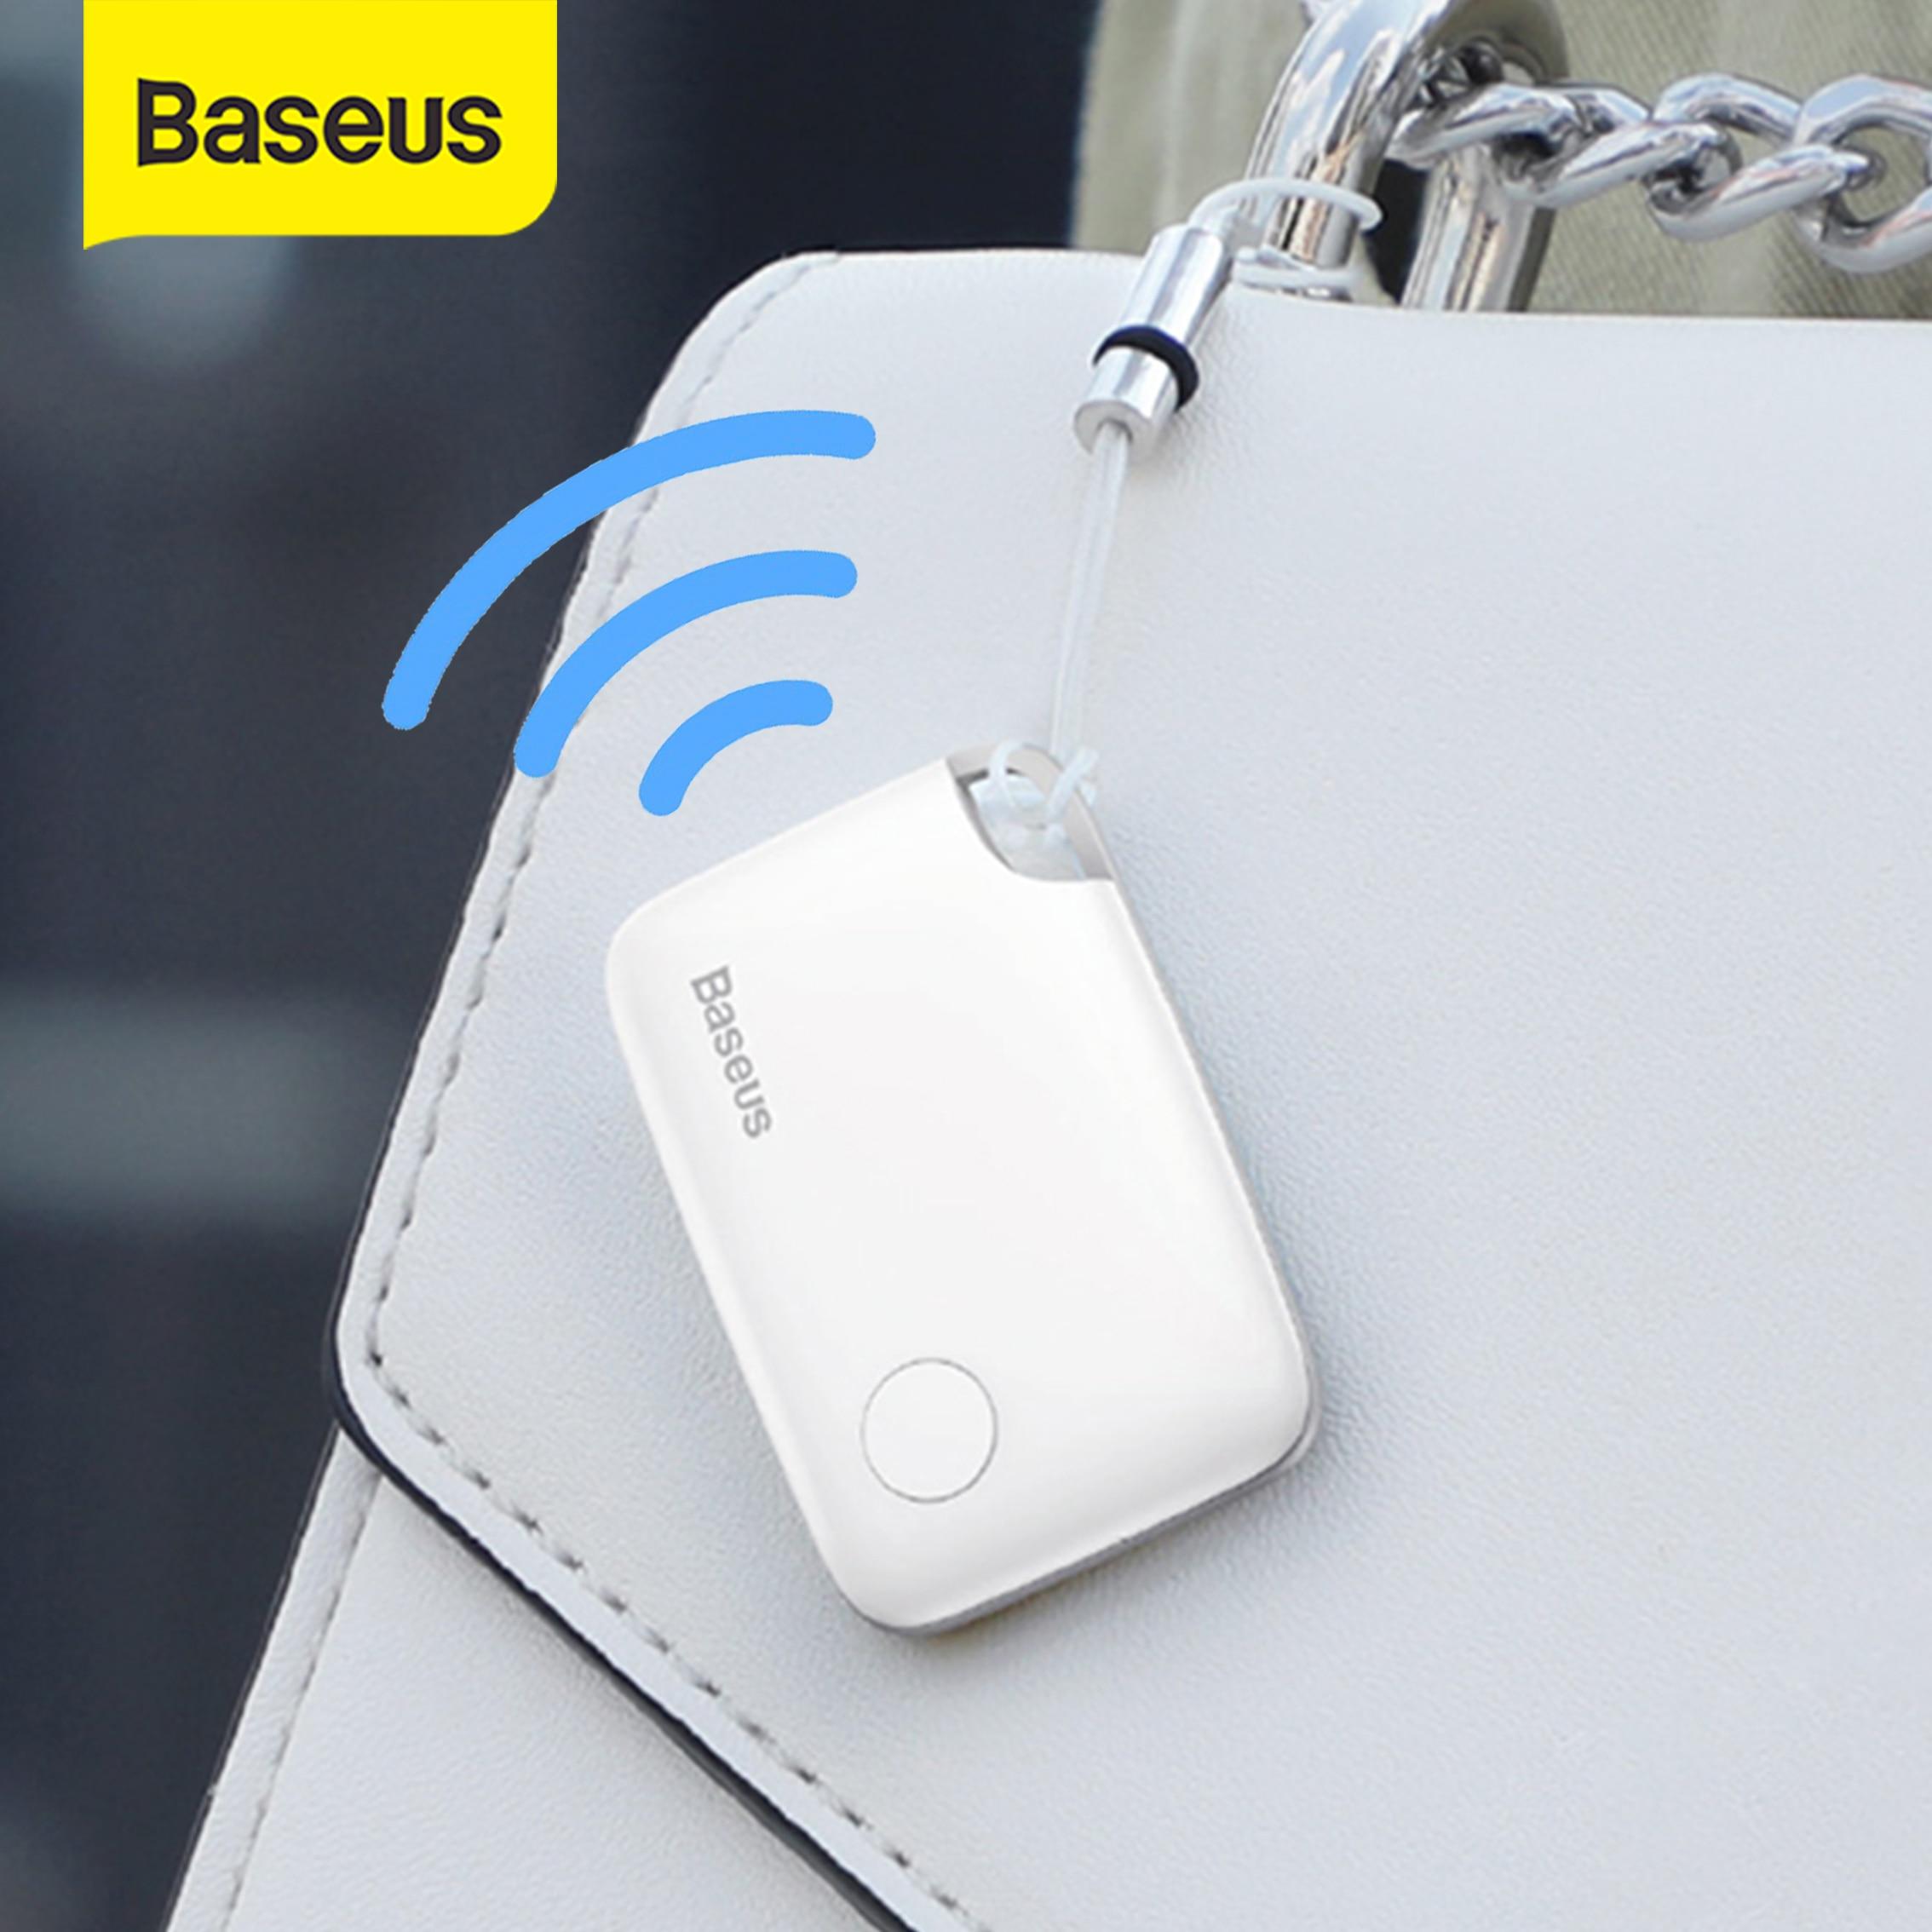 Смарт-трекер Baseus, мини-трекер с защитой от потери, Bluetooth, смарт-Искатель для детей, ключей, телефонов, сигнализация, умный тег, локатор для пои...